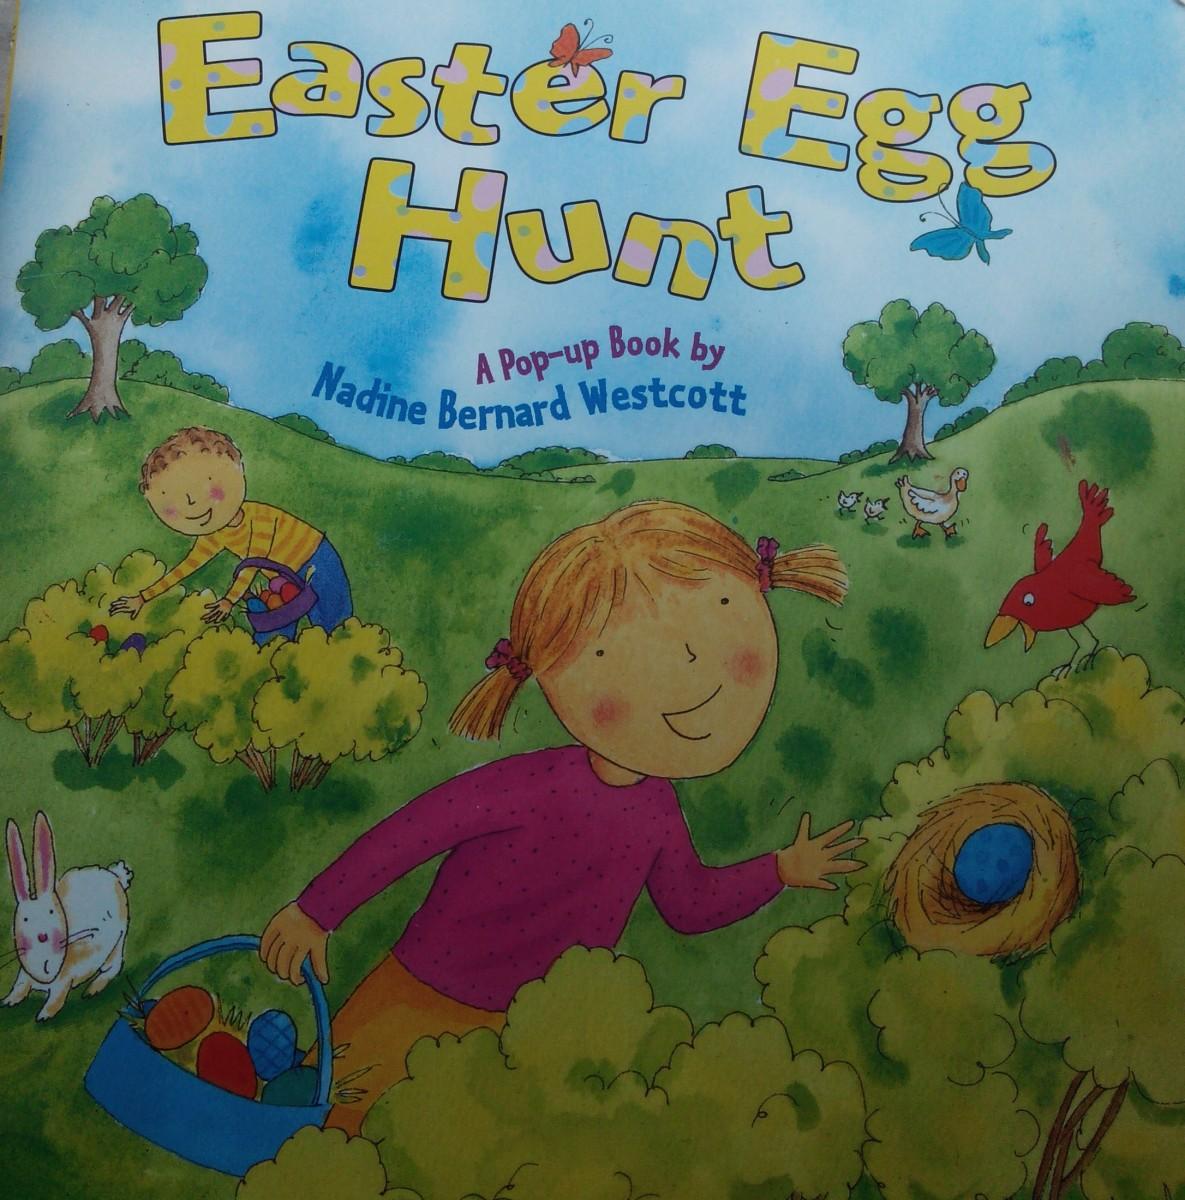 Histoire enfantine anglaise pour Pâques- Easter Egg Hunt – pop-up book (Dès 2 ans et demi)